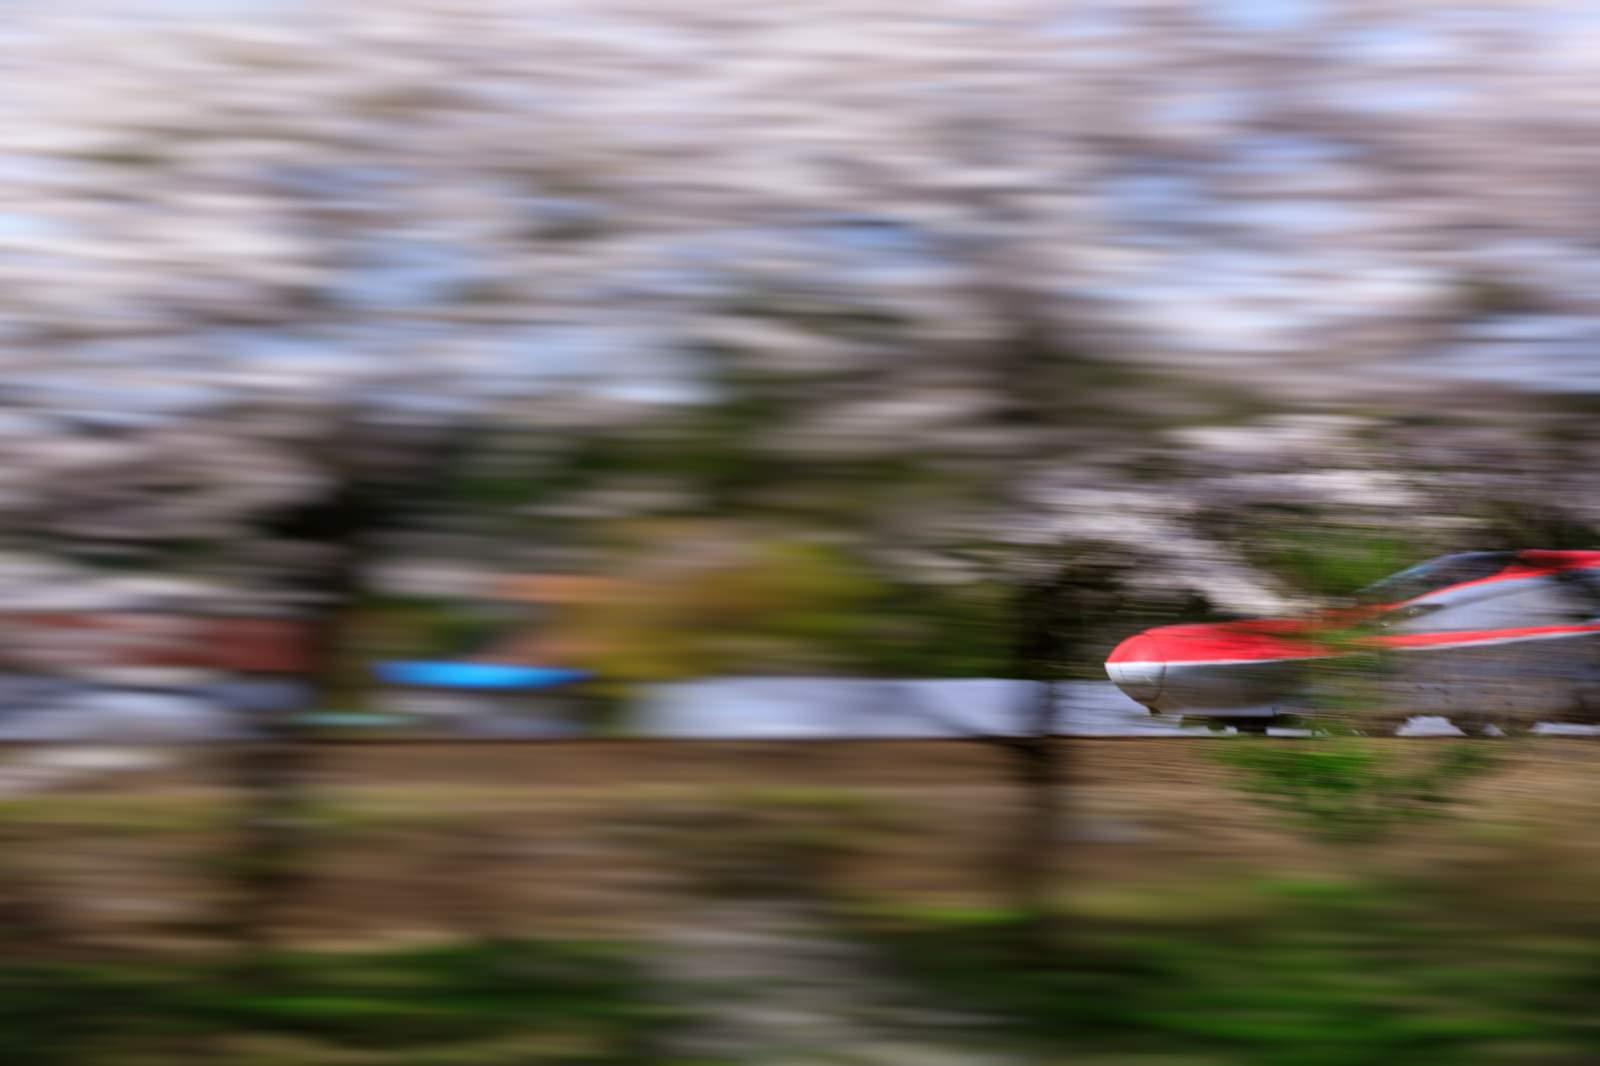 「桜並木沿いを駆け抜ける秋田新幹線(こまち)」の写真